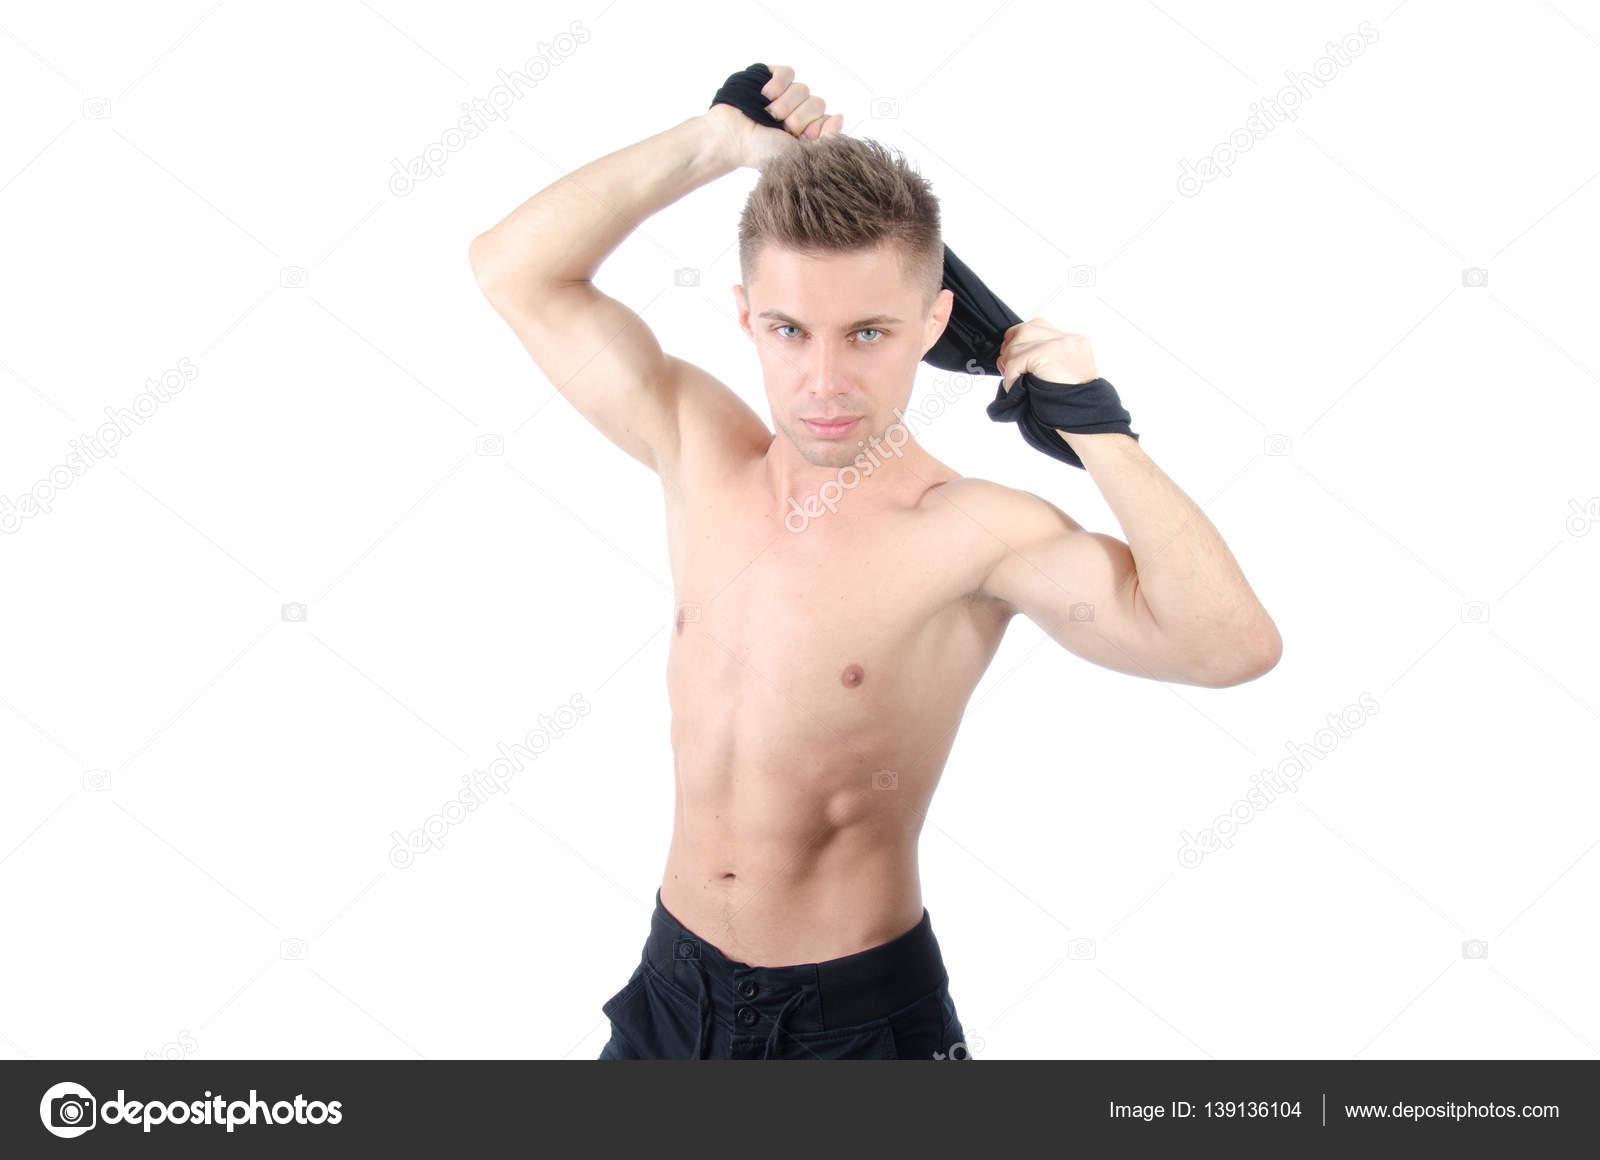 Сексуально раздеть мужчину